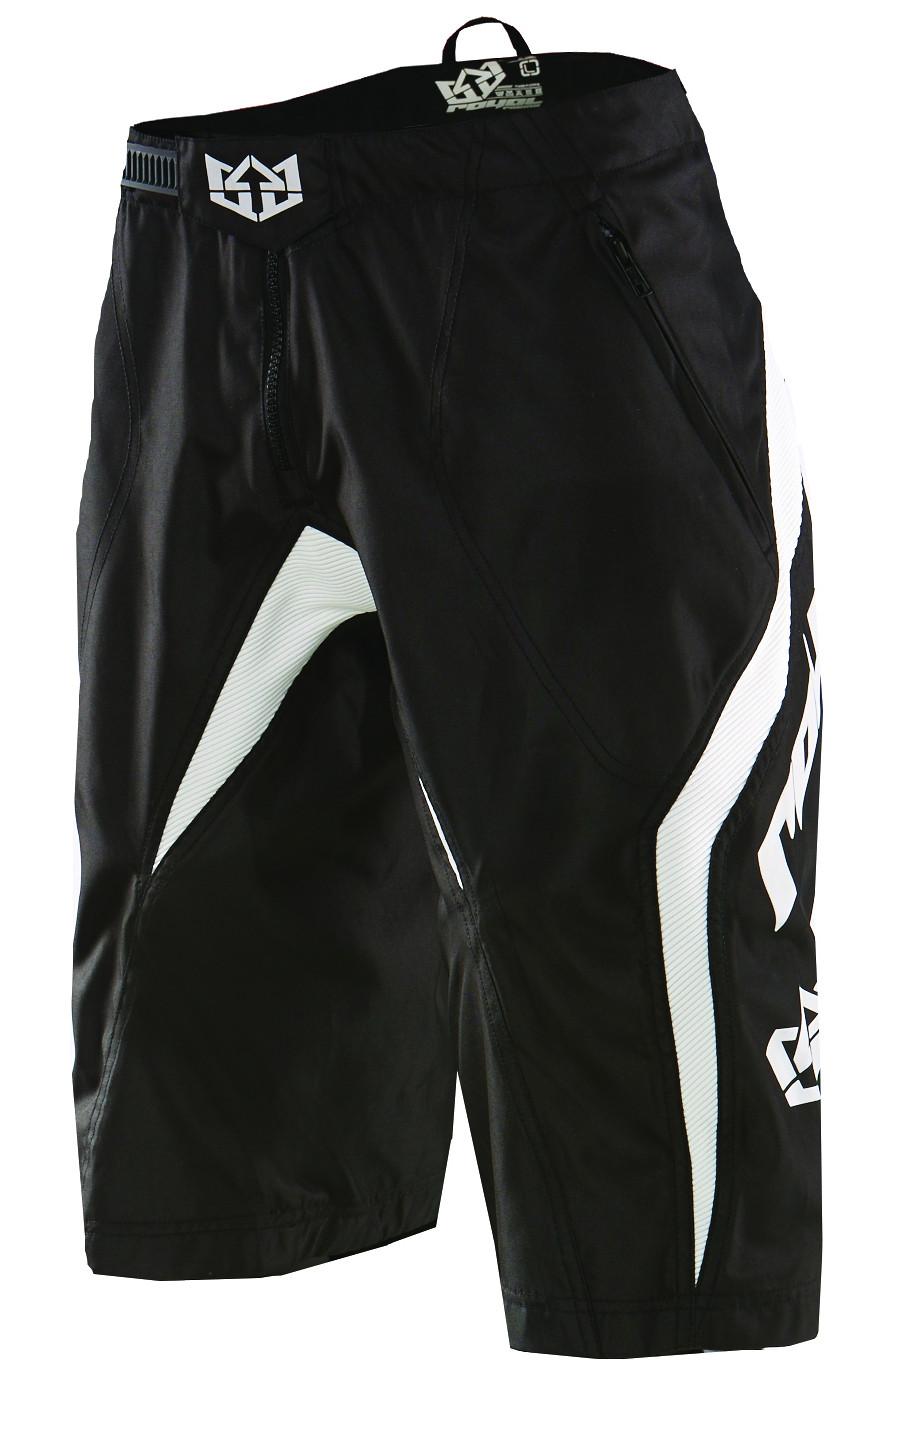 sp 247 short black white f